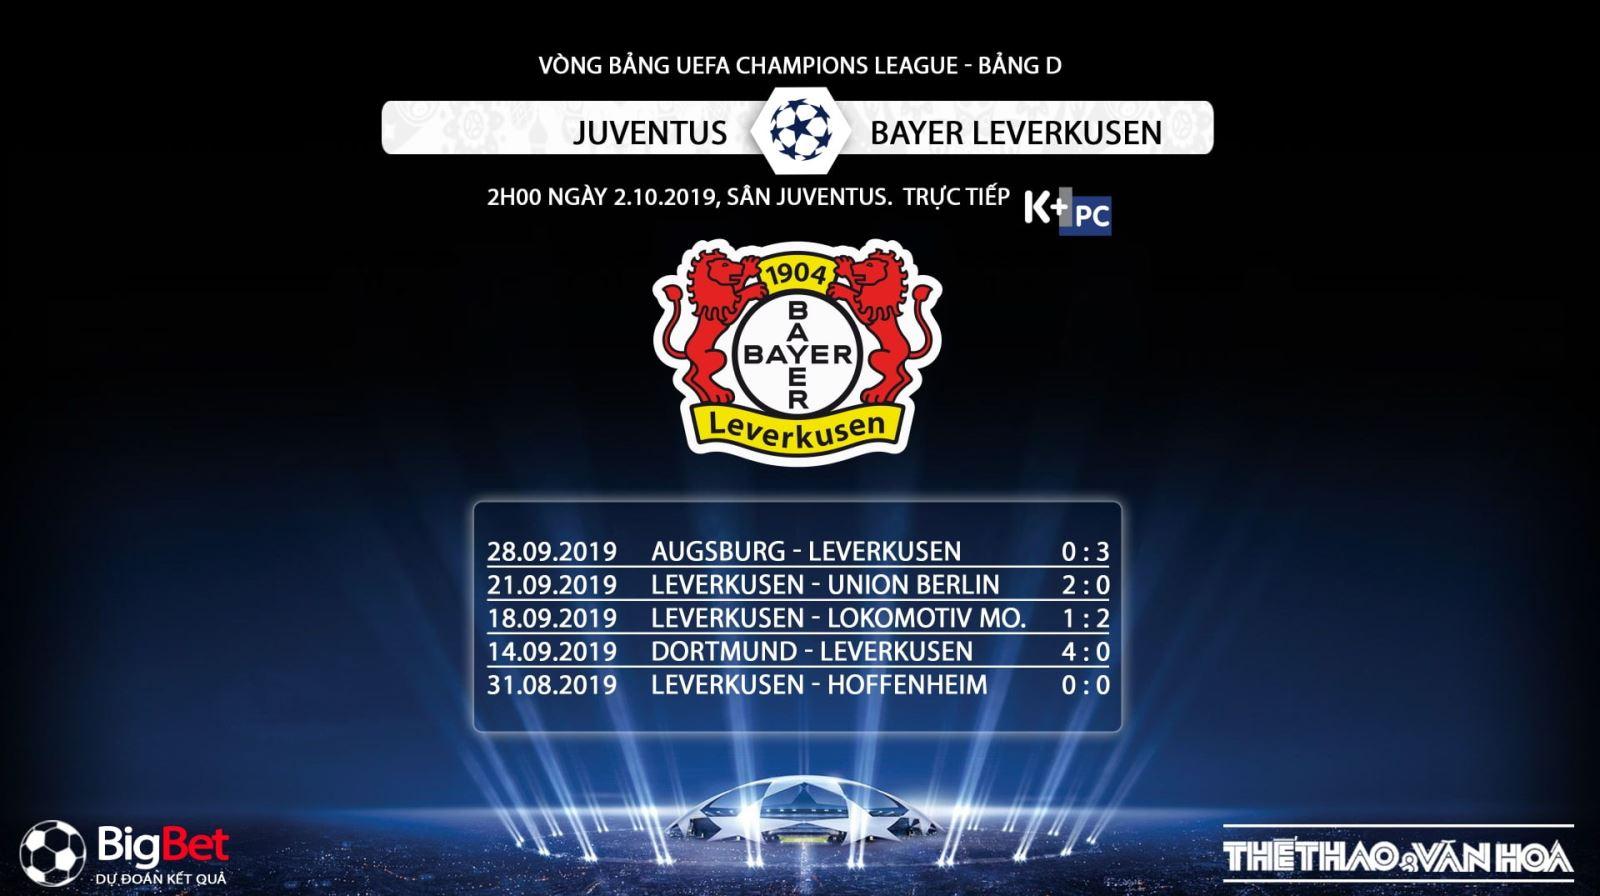 soi kèo bóng đá, Juventus đấu với Bayer Leverkusen, truc tiep bong da hôm nay, Juventus vs Bayer Leverkusen, trực tiếp bóng đá, K+, K+PM, K+PC, xem bóng đá trực tuyến, Juventus, bong da